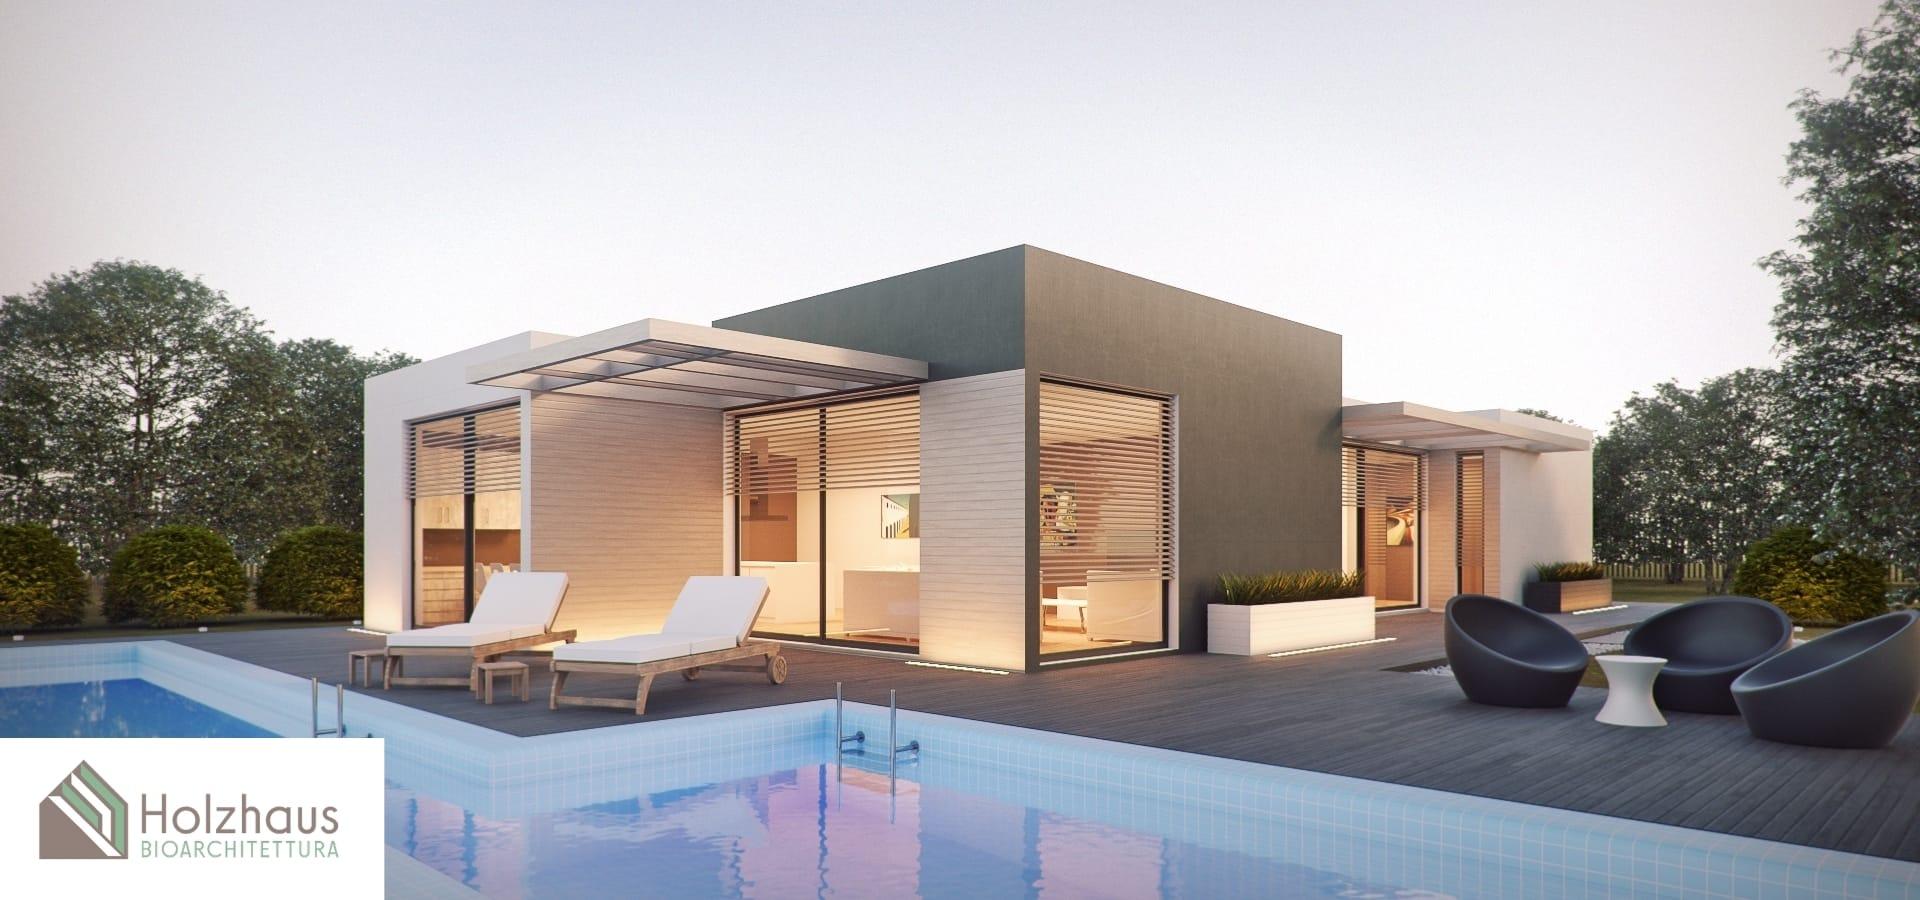 Soluzione in legno a un piano con open space e piscina esterna di Holzhaus Bioarchitettura